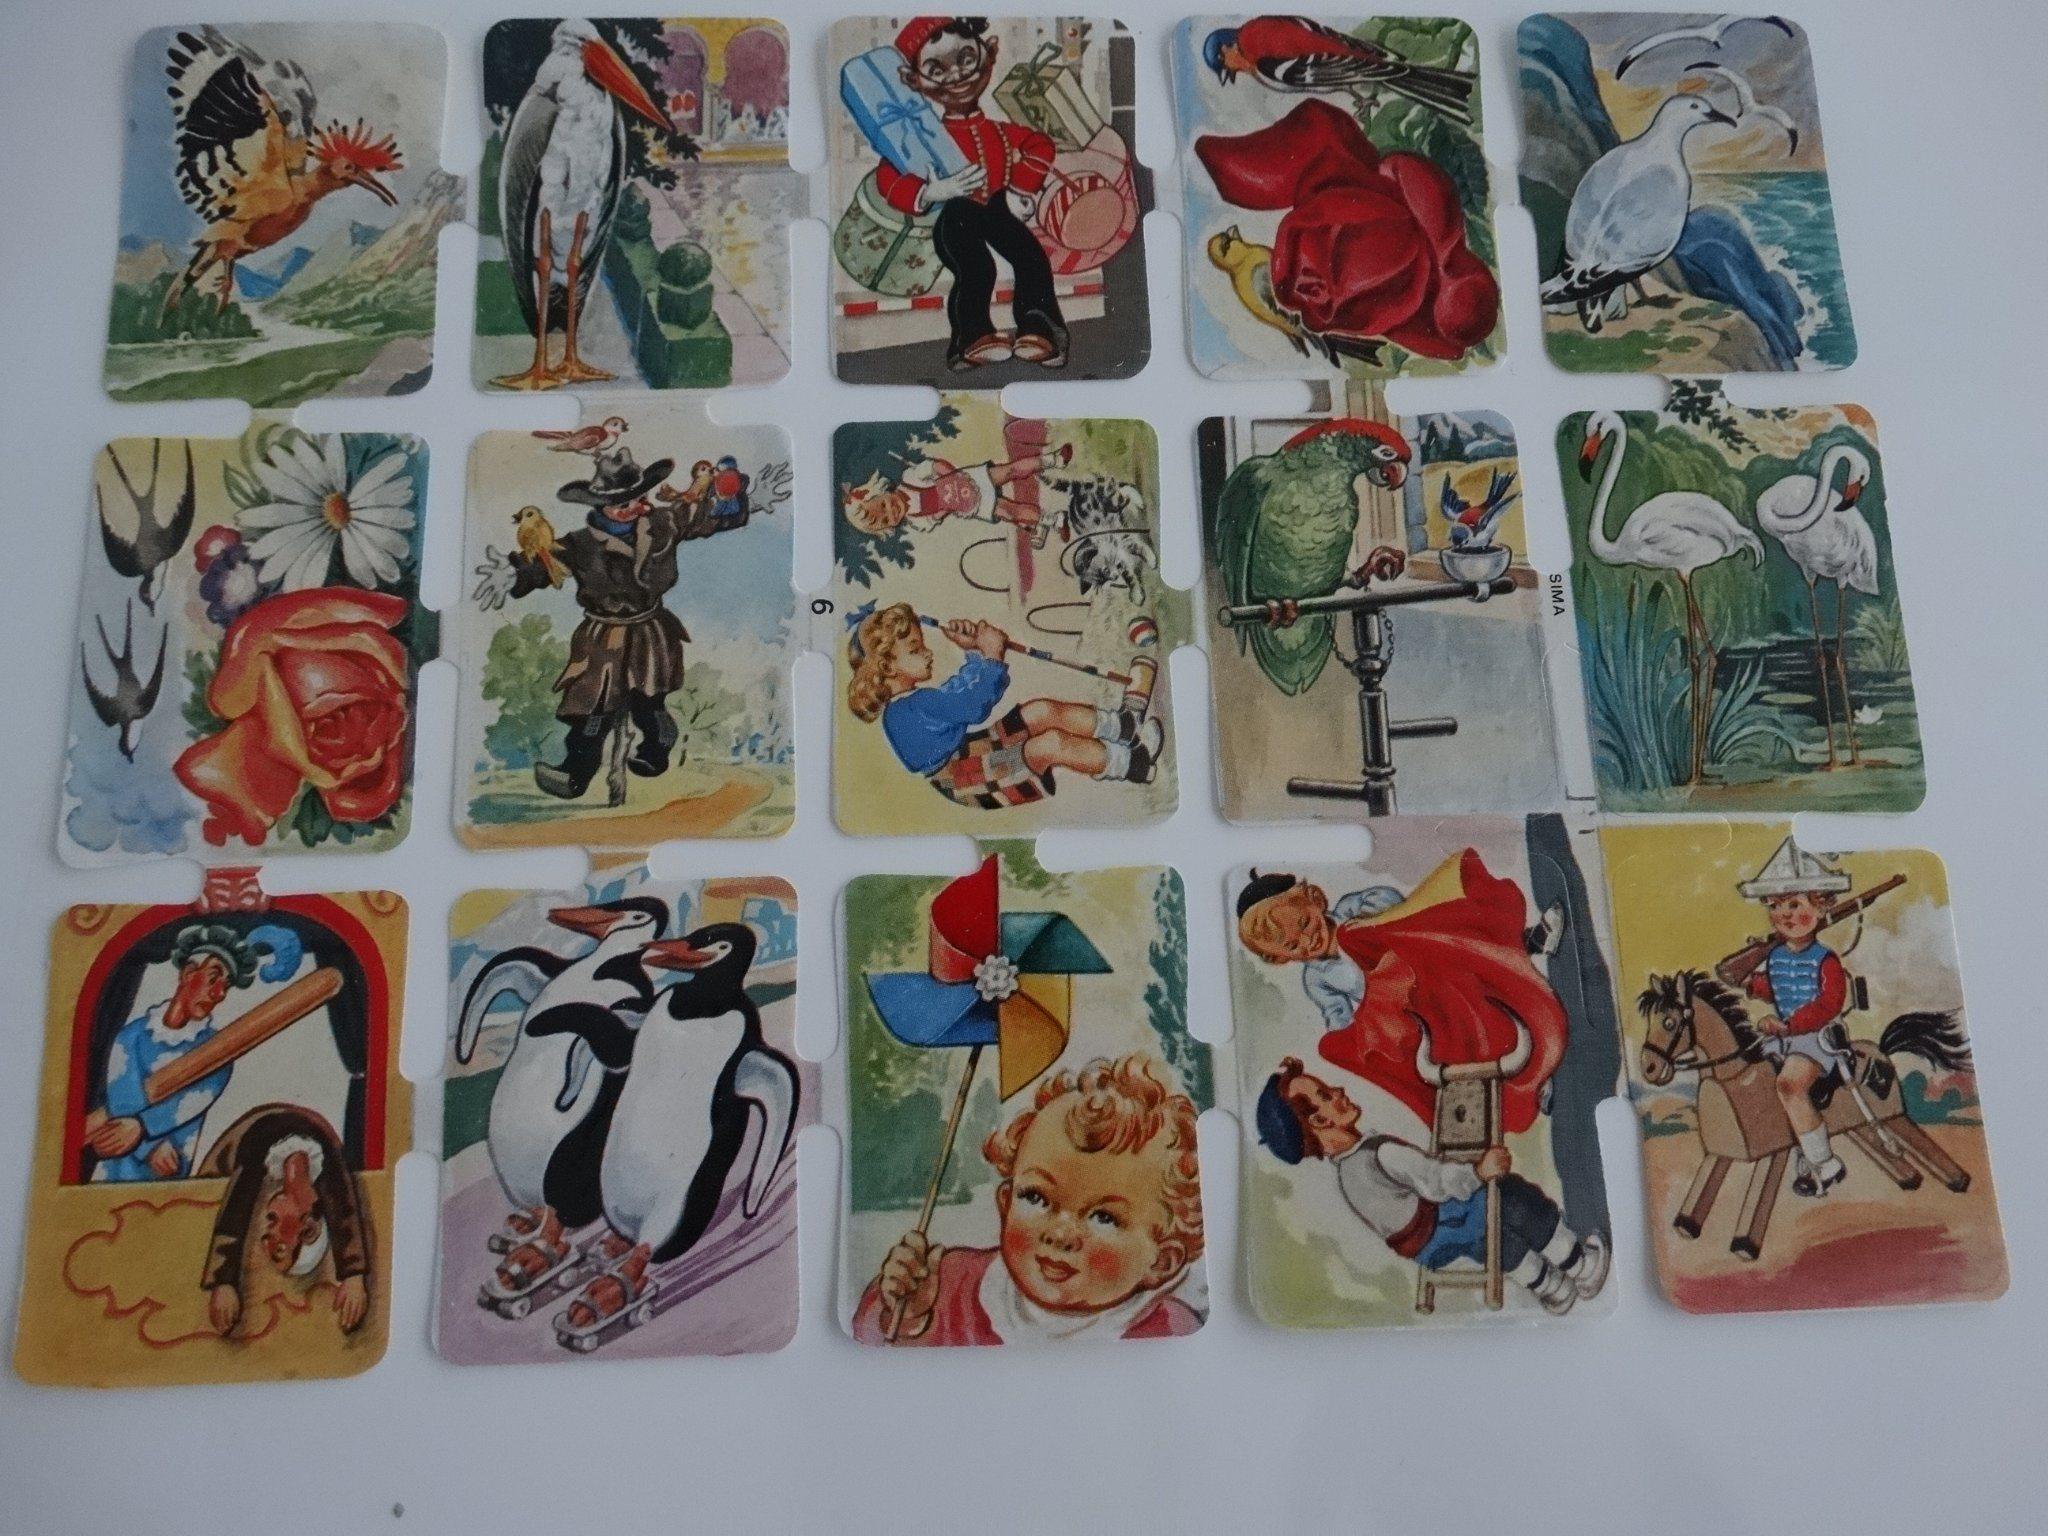 Karta Pa Spansk.Spansk Karta Sima Nr 6 339764765 ᐈ Kop Pa Tradera